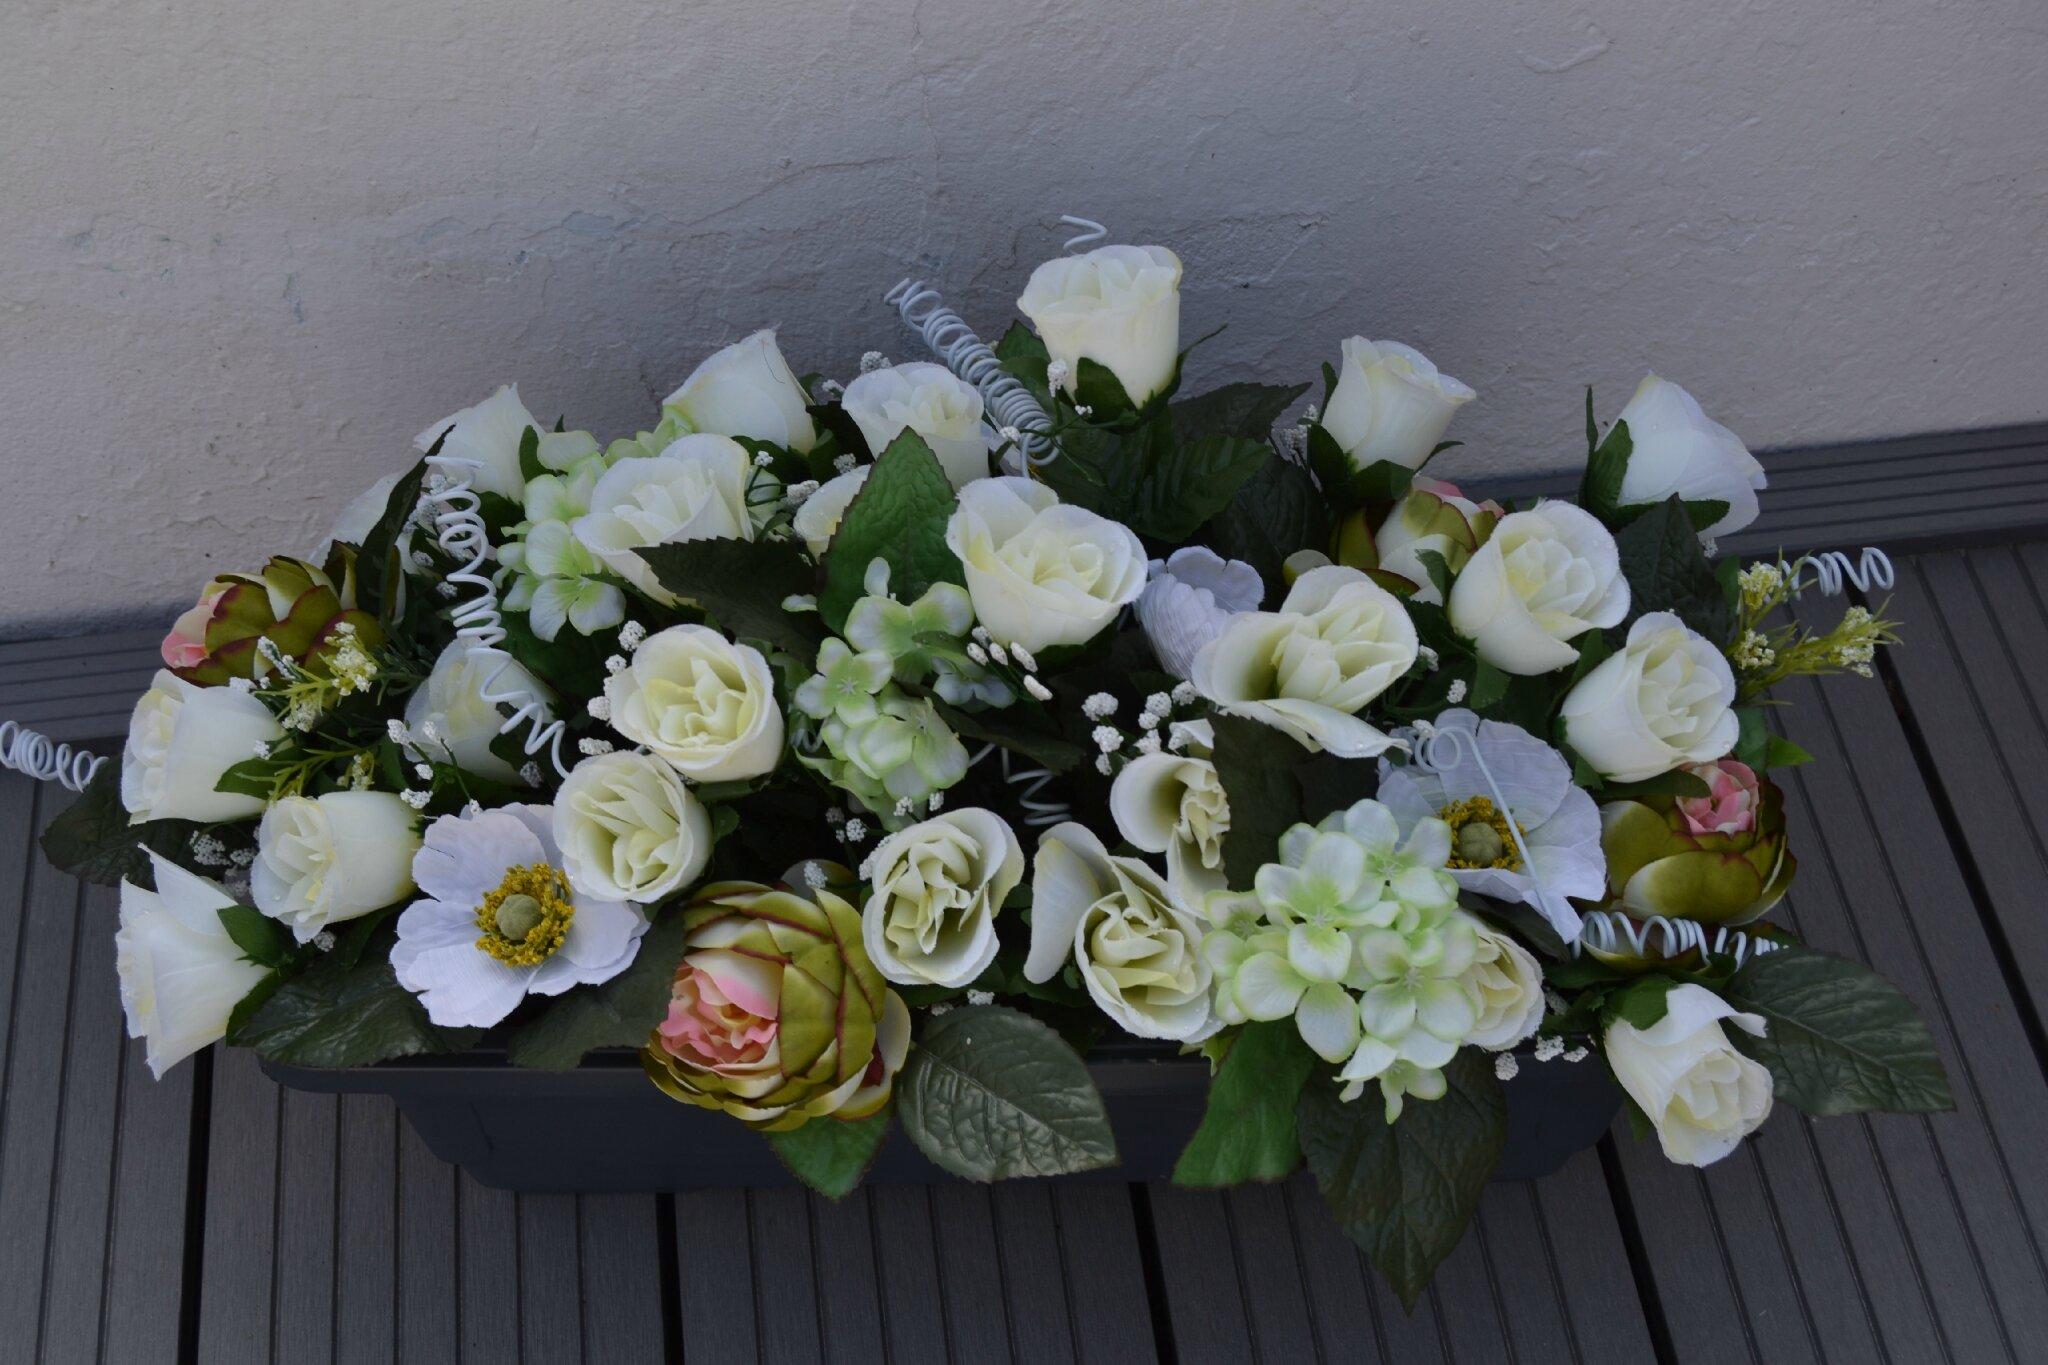 jardinière de fleurs artificielles pour le cimetière, faites